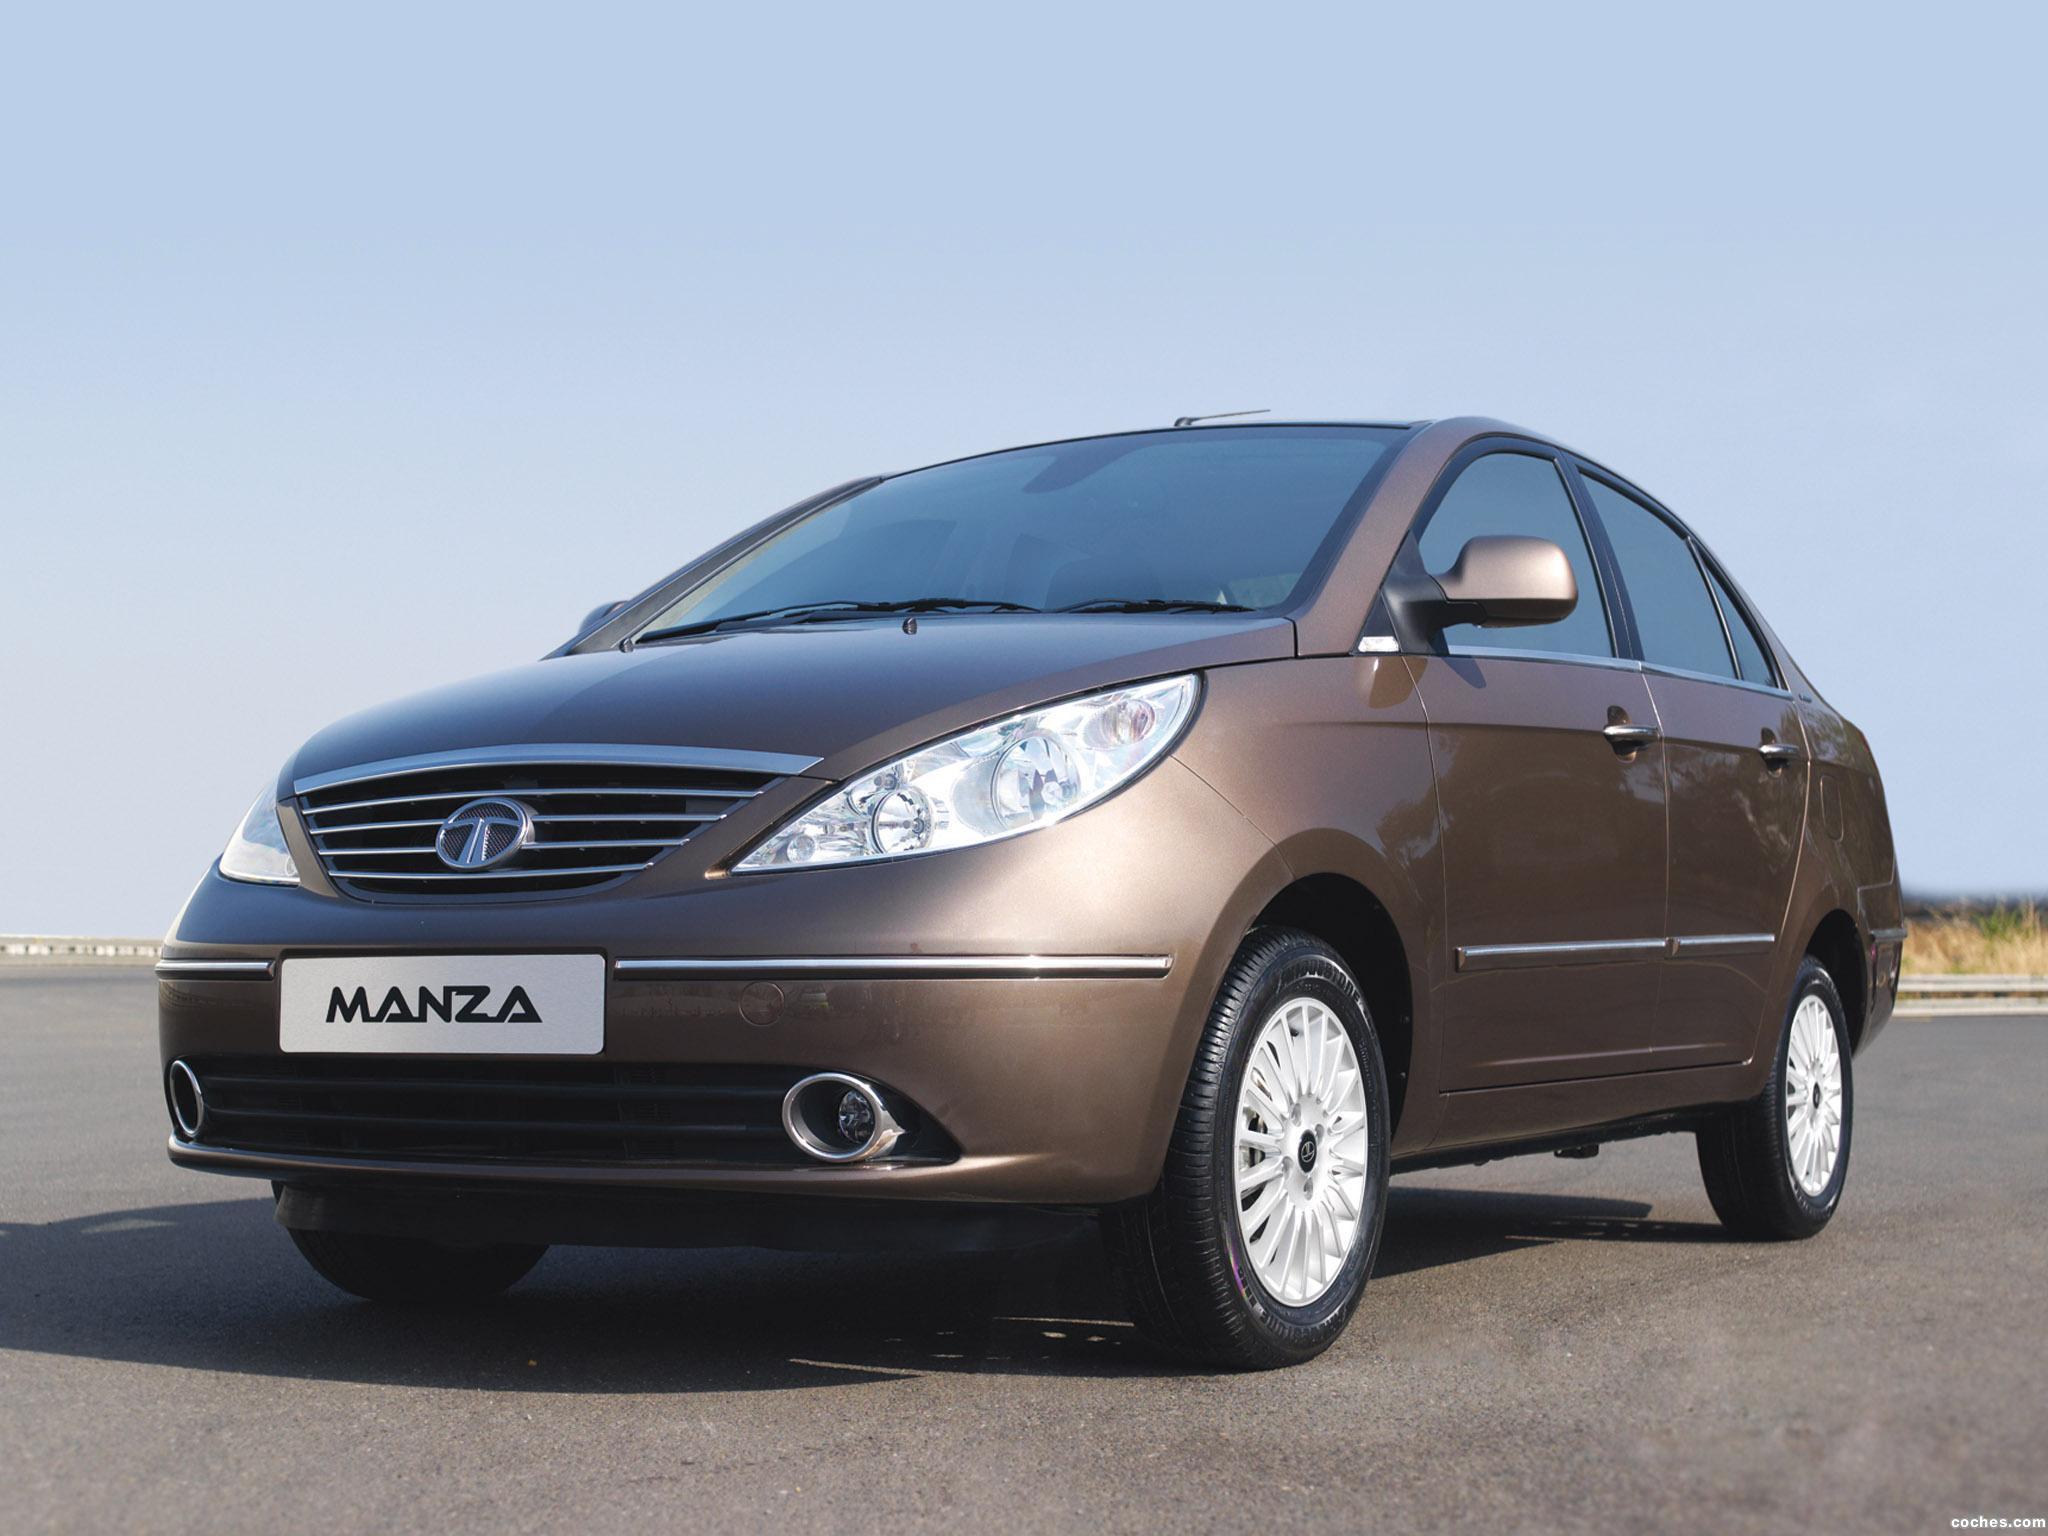 Foto 0 de Tata Indigo Manza Nova Concept 2012